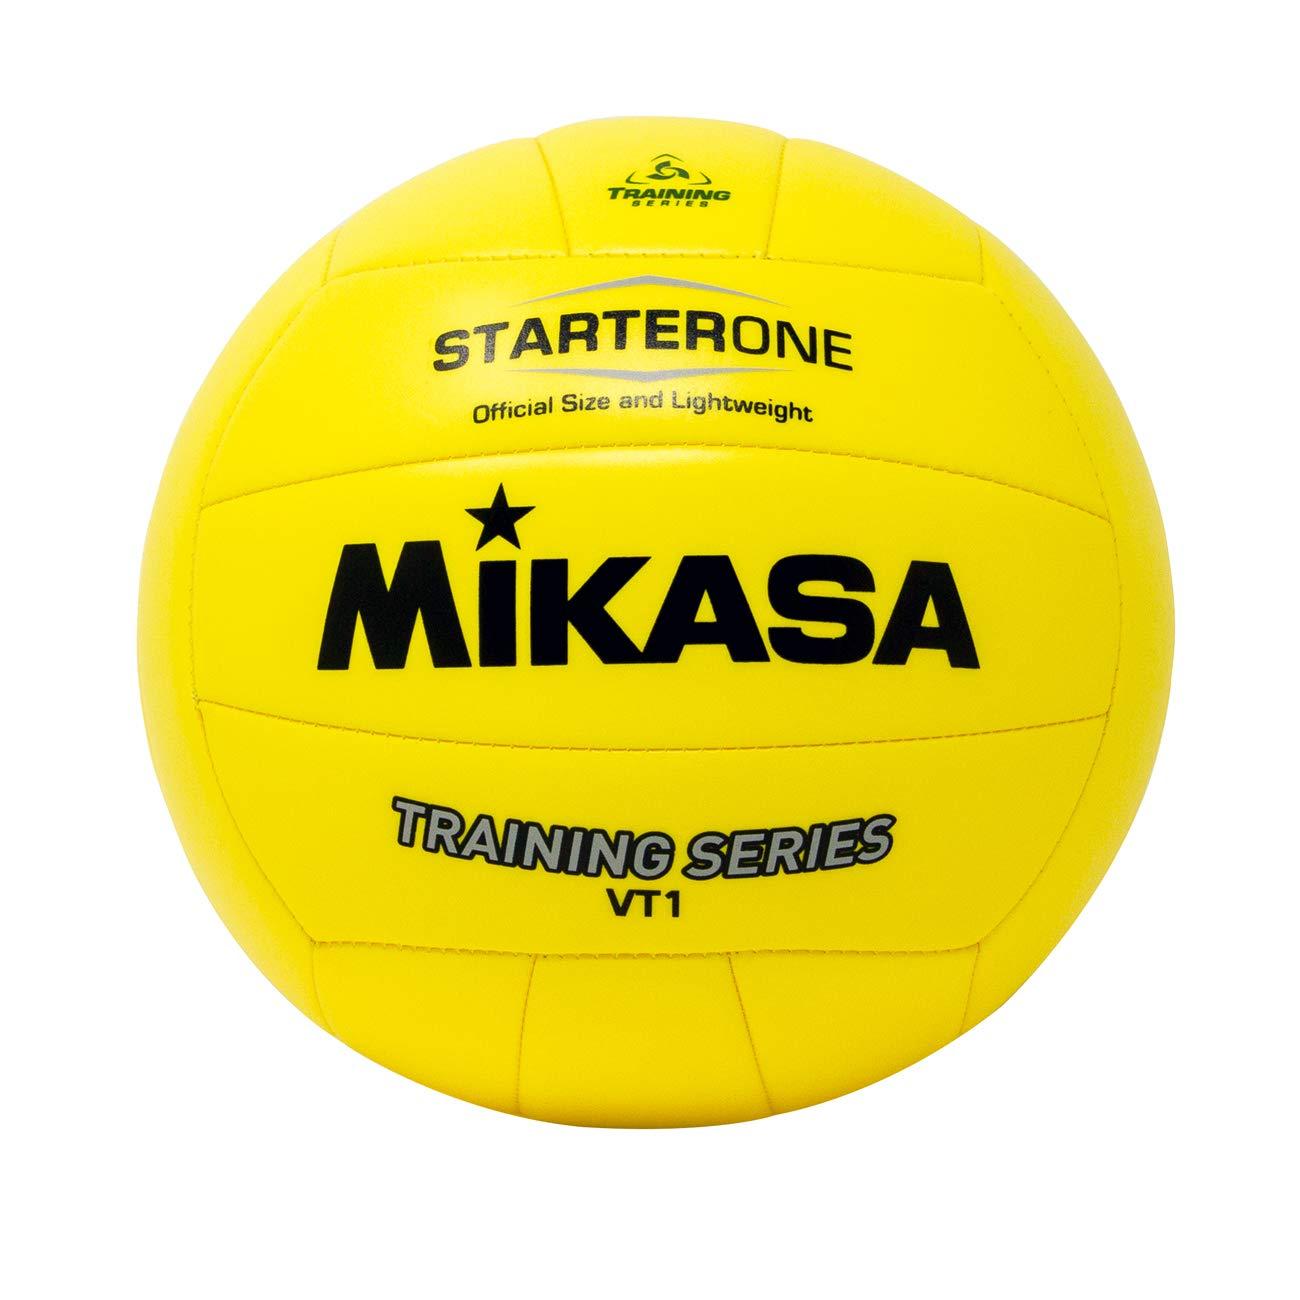 ミカサスターター1つ5.5オンスバレーボール